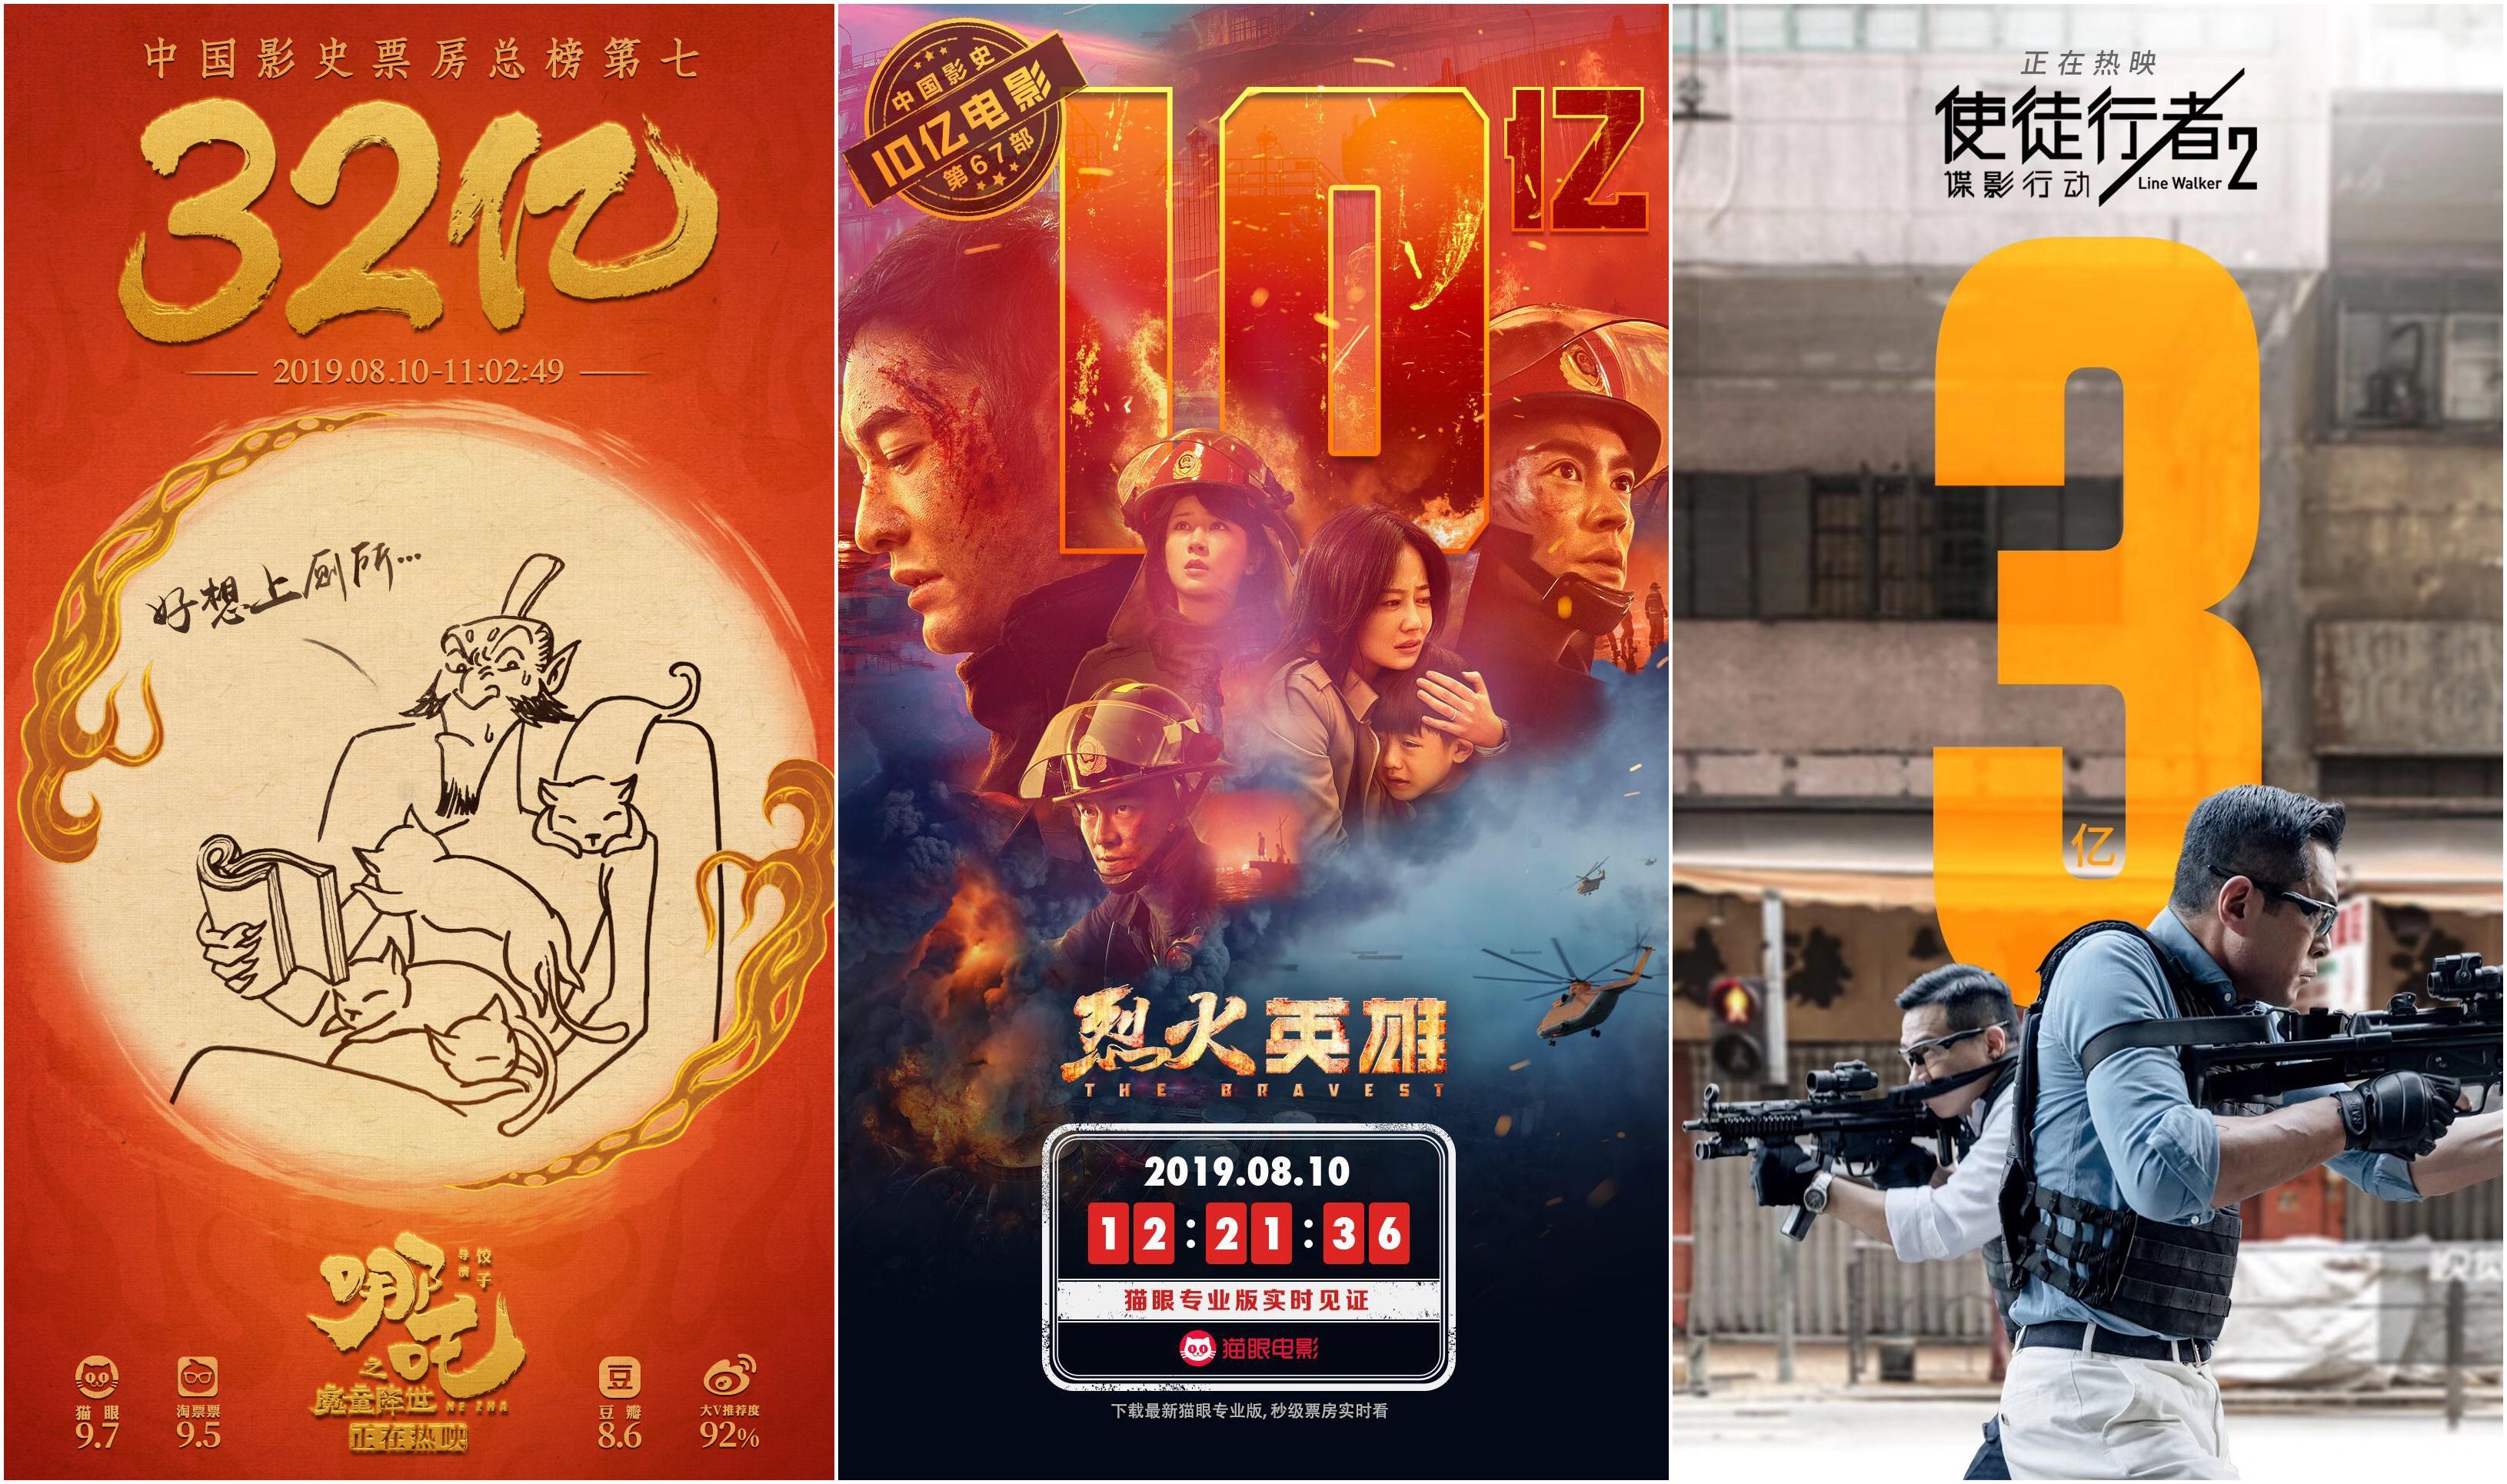 《烈火英雄》票房破10亿 《上海堡垒》不及预期